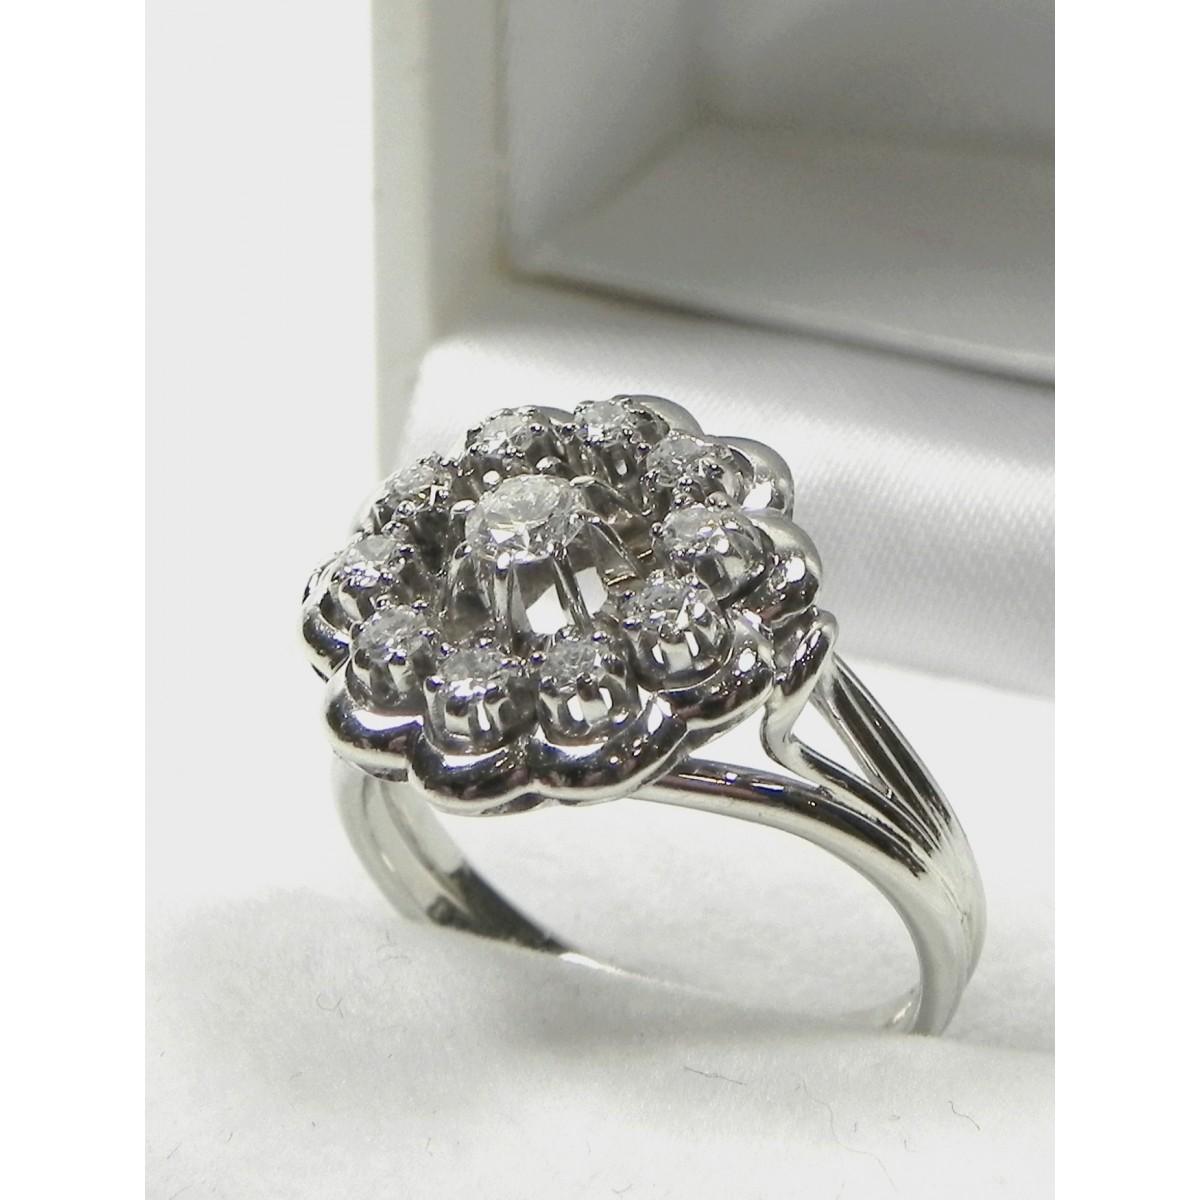 Très Bague ancienne marguerite or gris et diamant - Muse & Or WP61